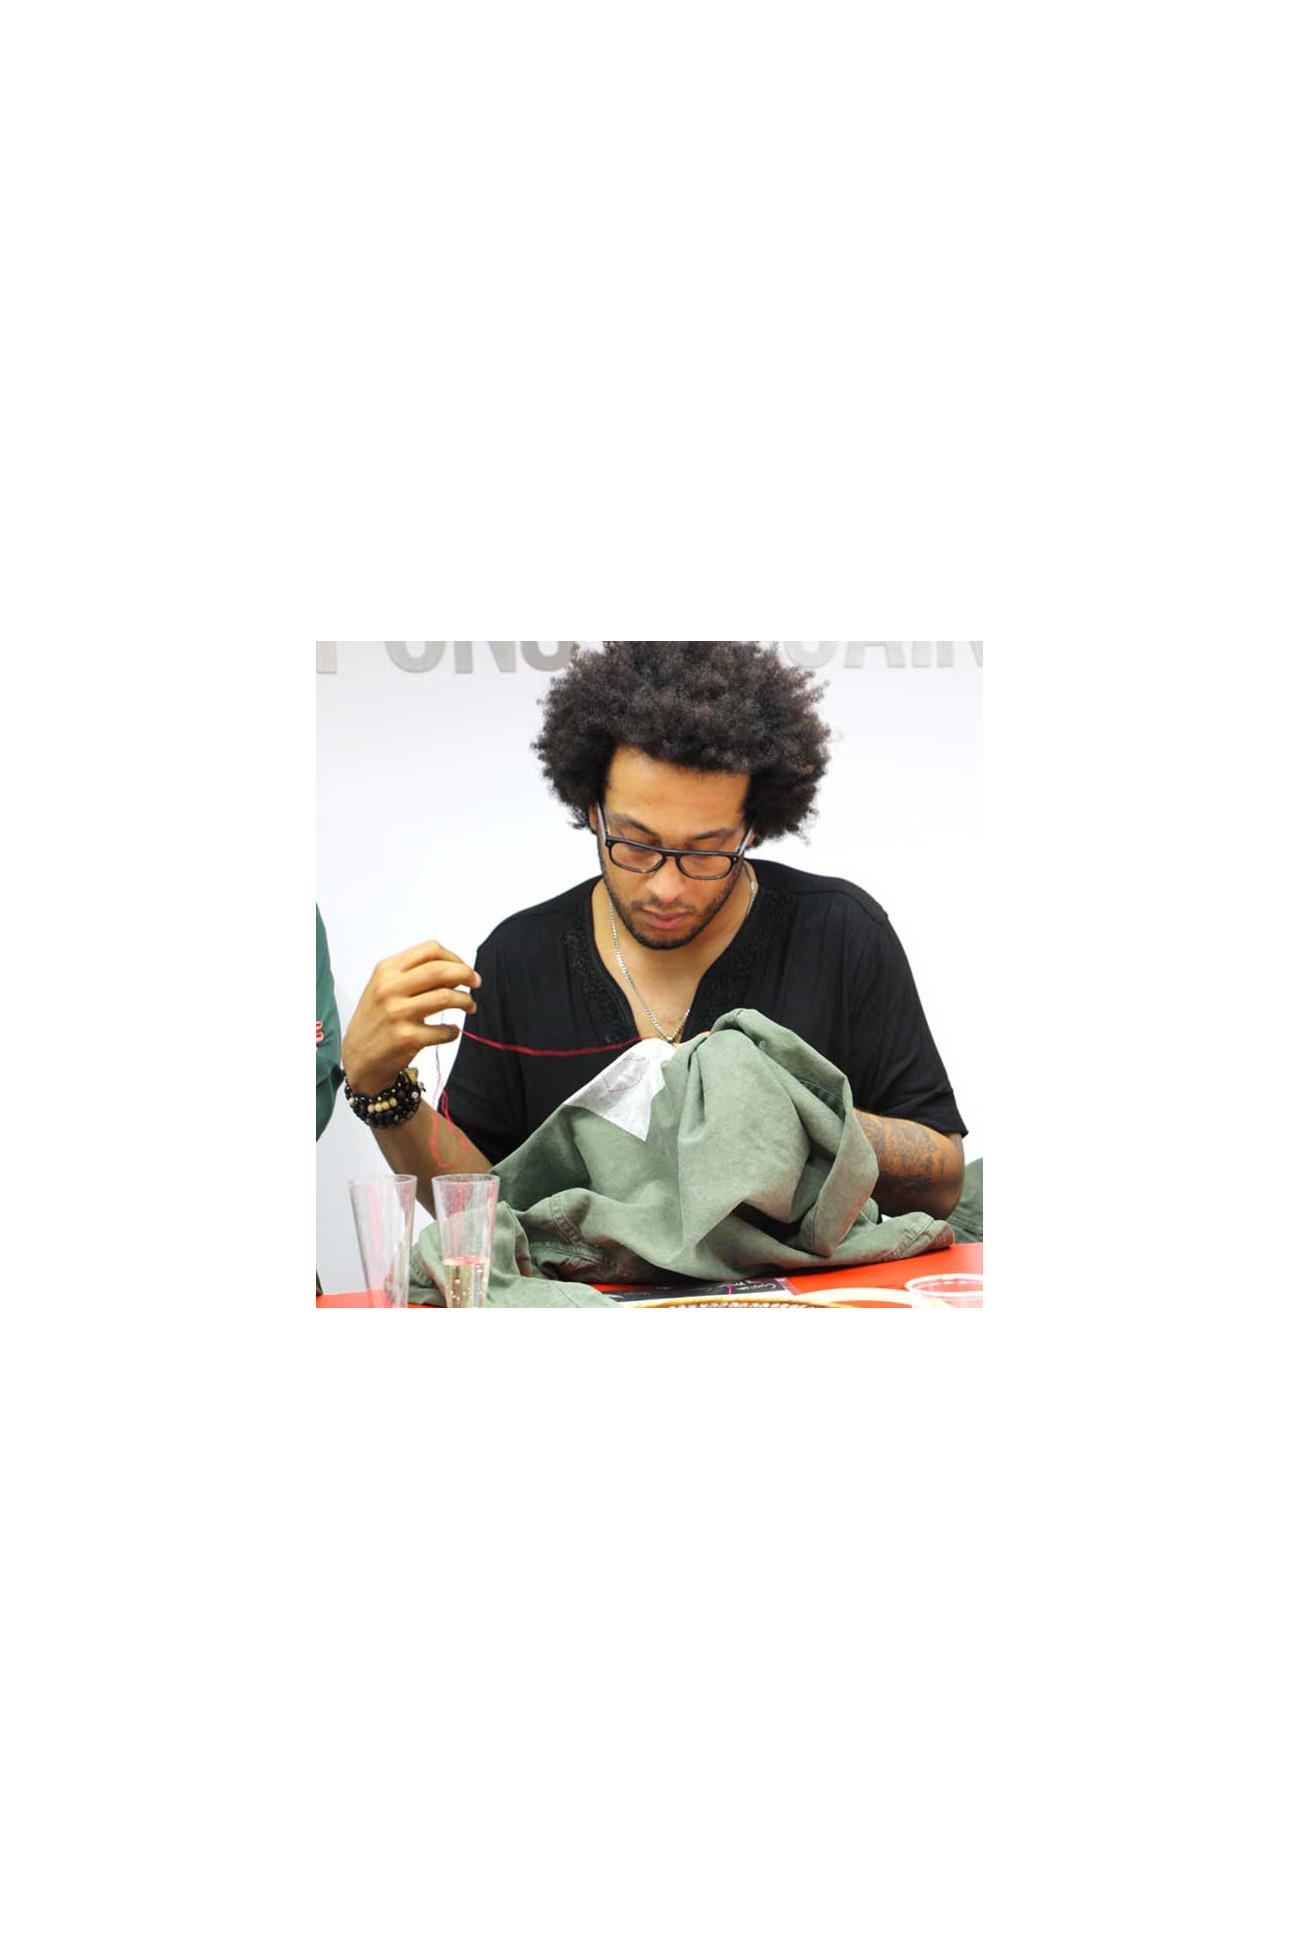 Samedi 16 novembre 10h-12h Tee-shirt brodé - Cours de broderie DMC